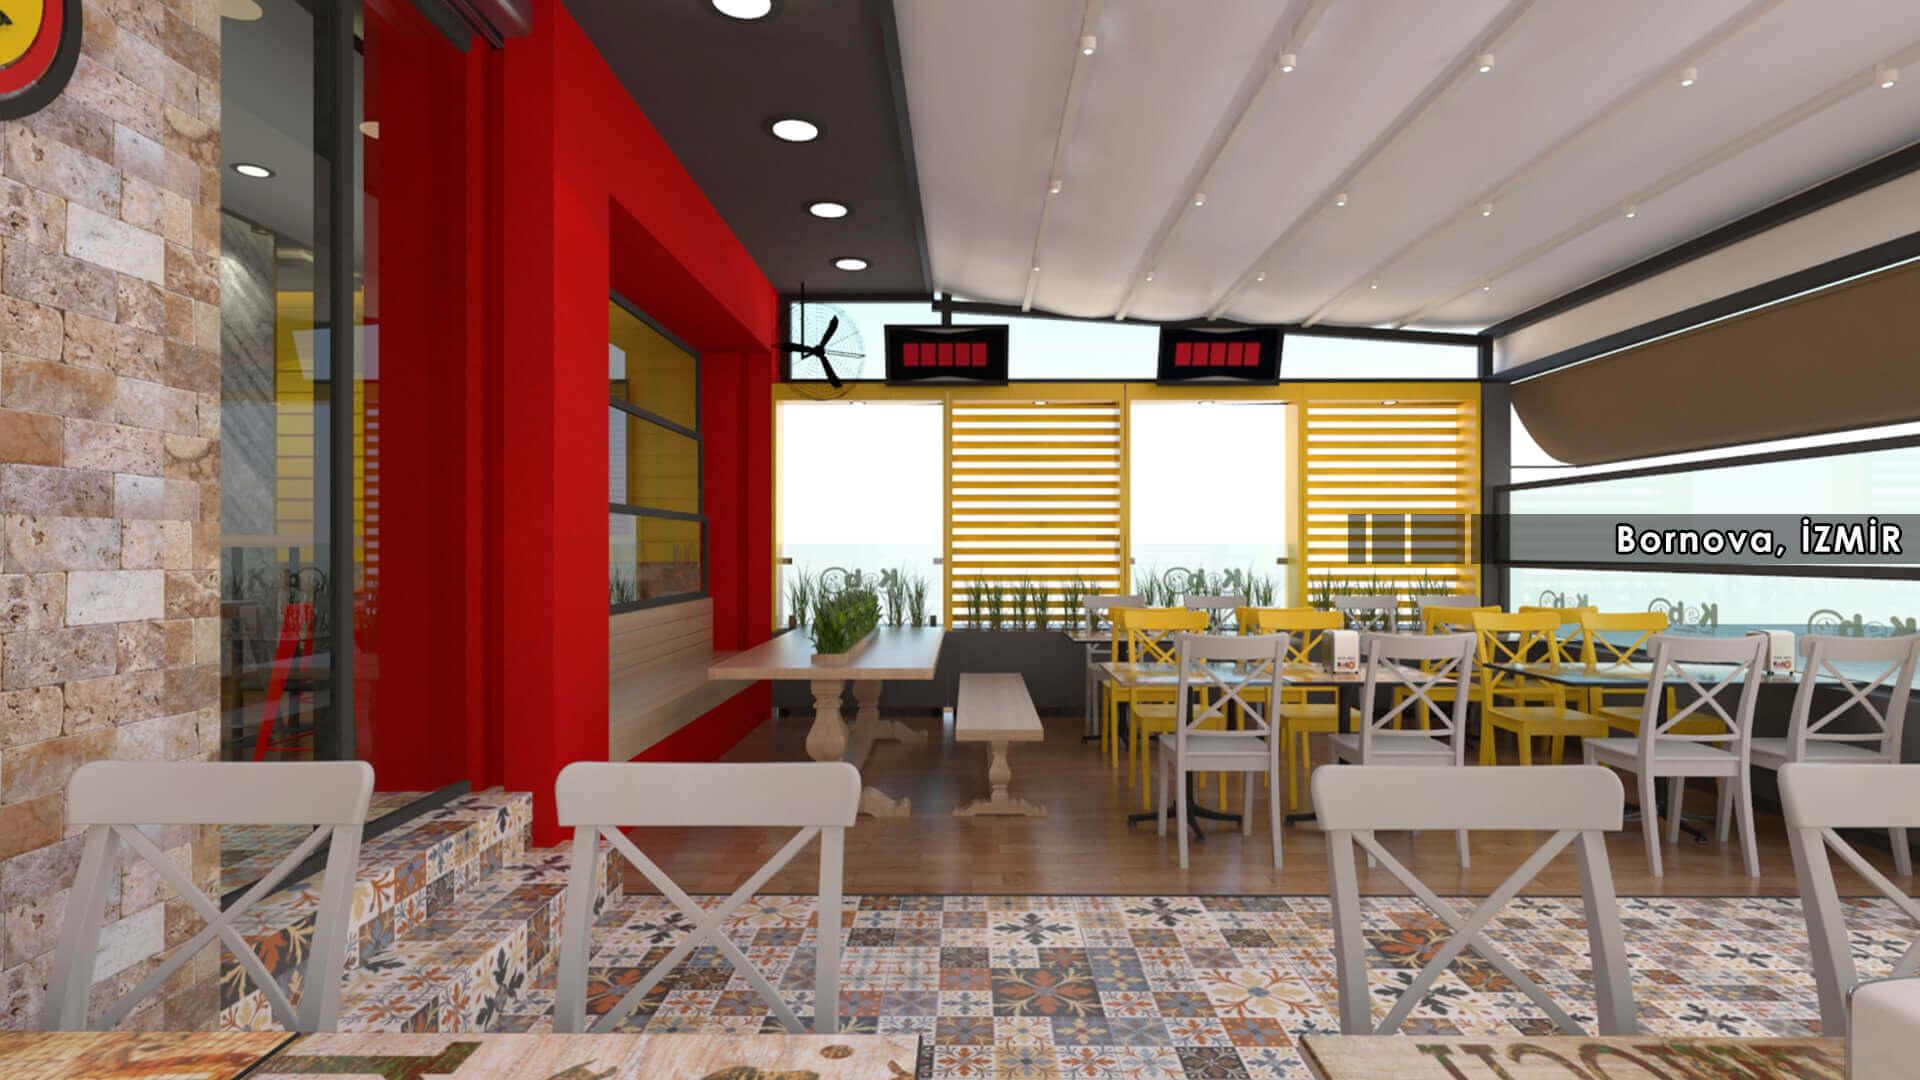 restorant iç tasarım 2108 Kebo 2016 Restoranlar